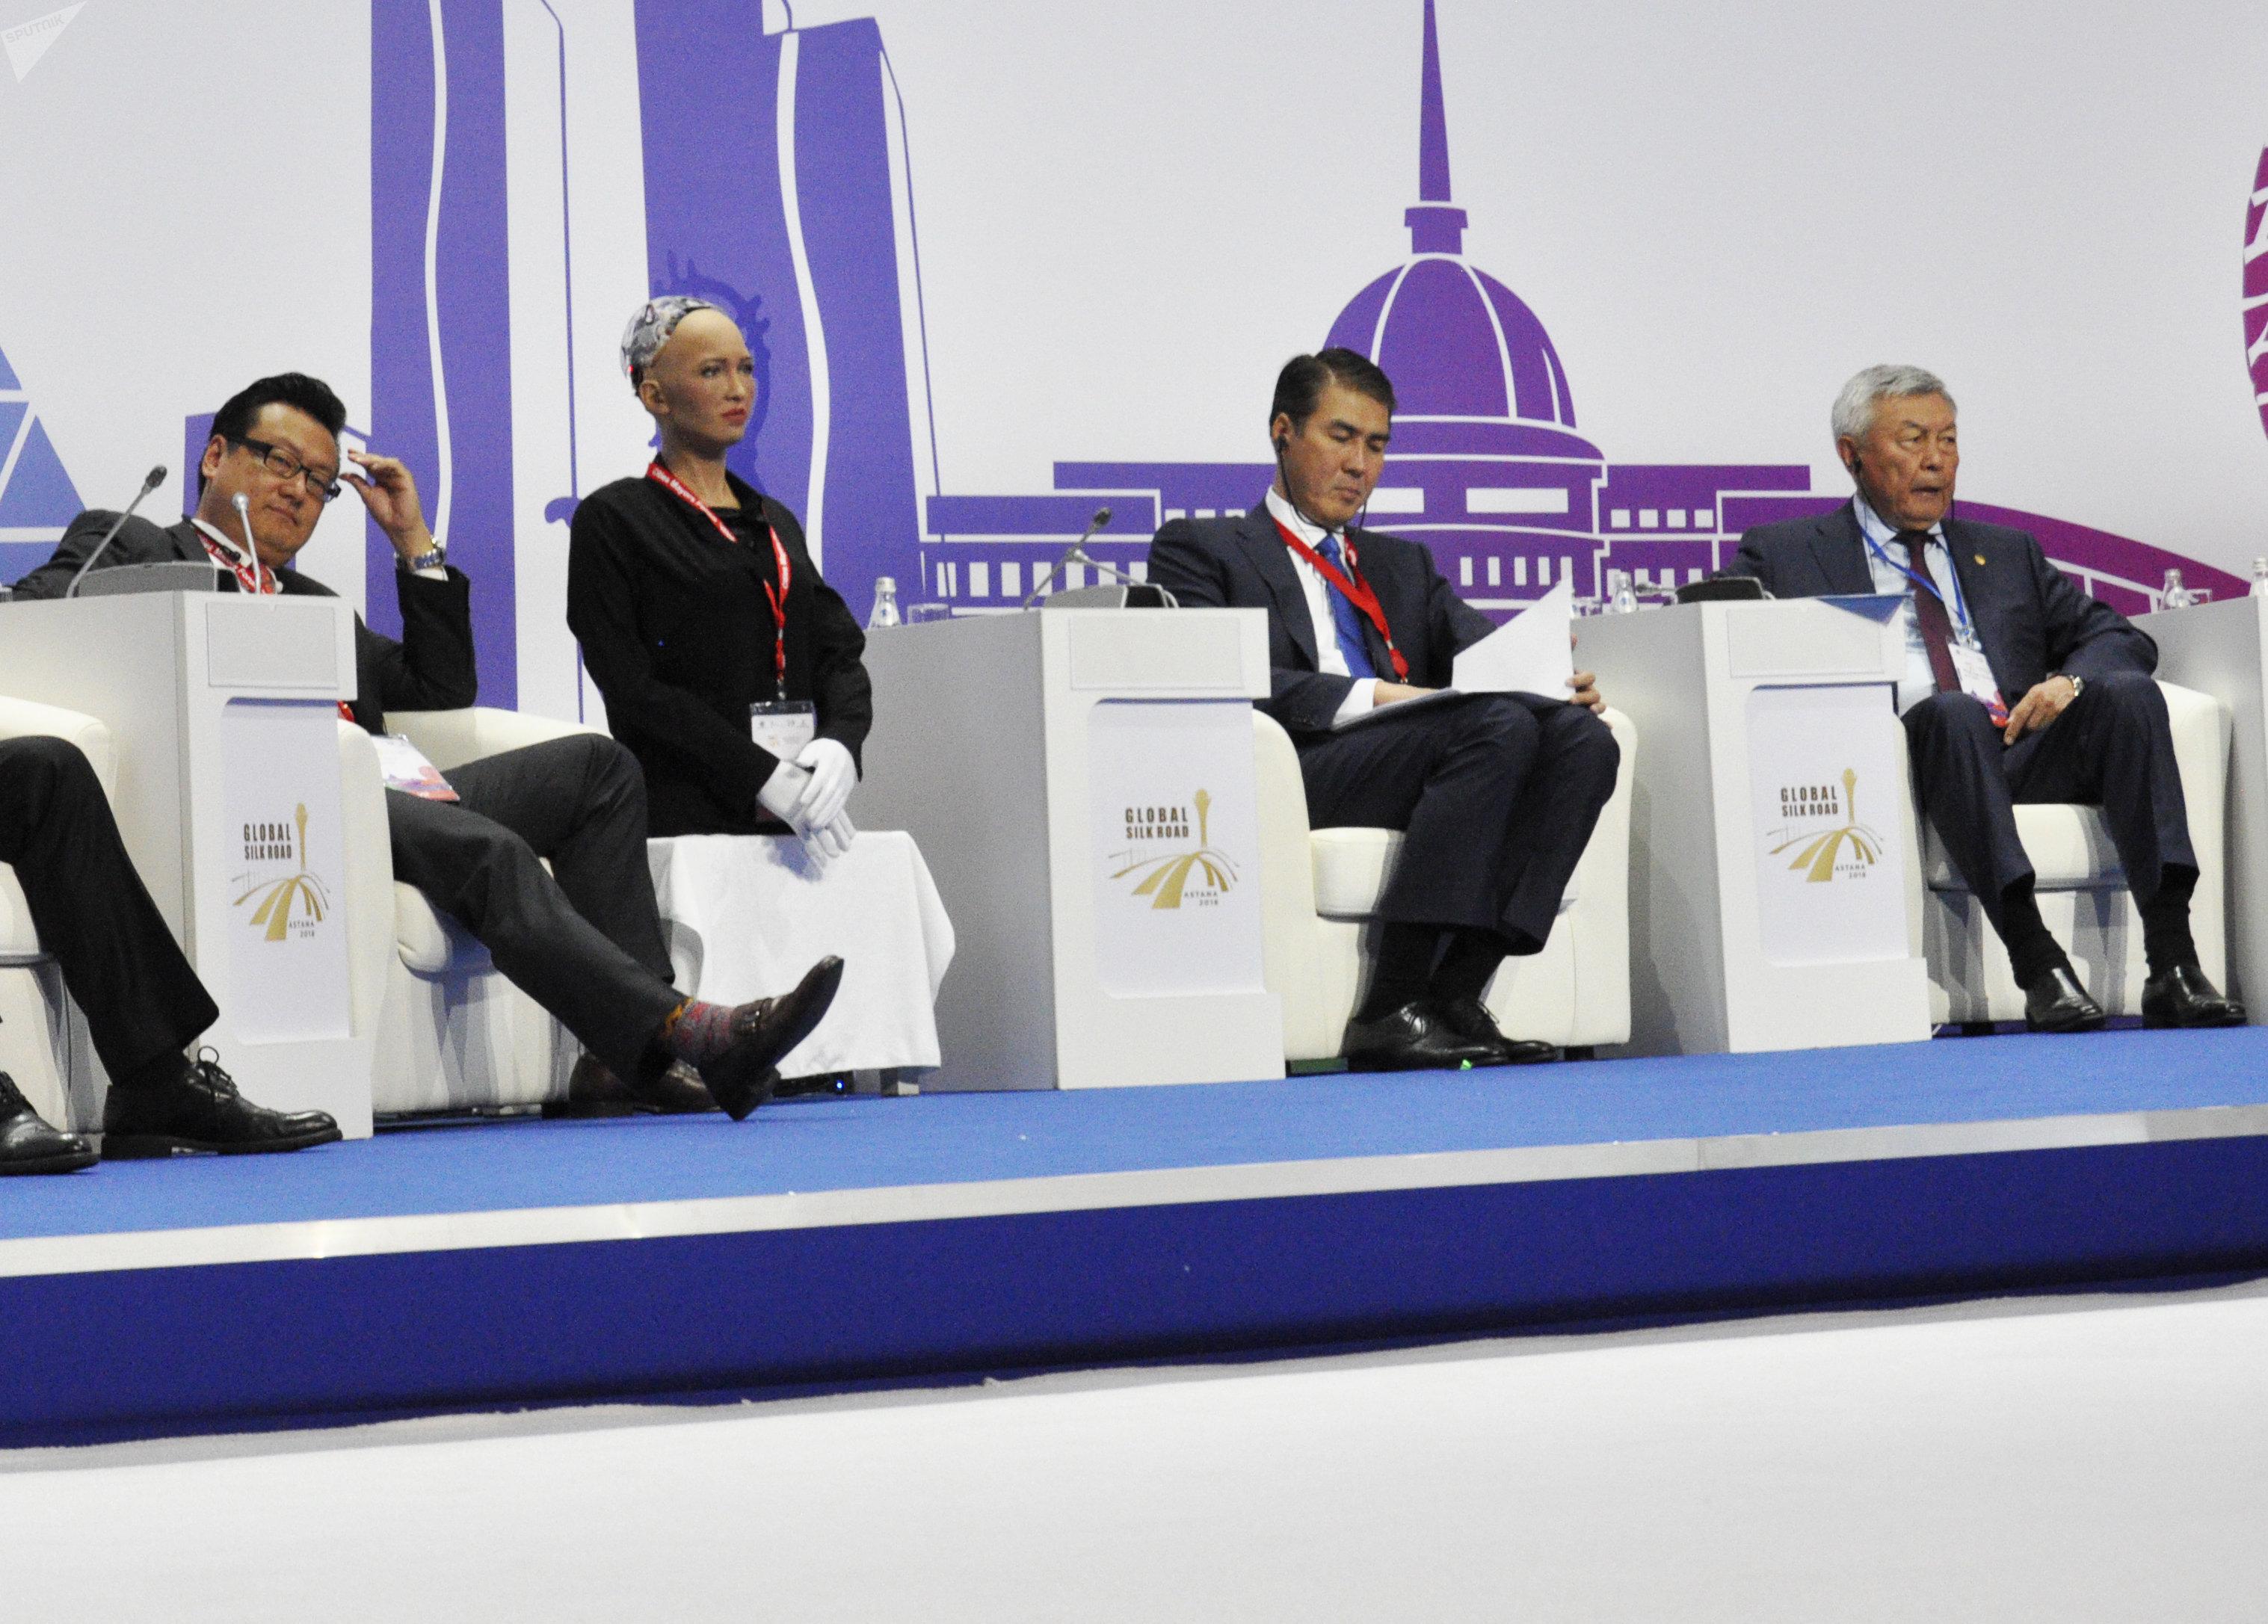 Киборг-гиноид София на форуме мэров городов стран Шелкового пути